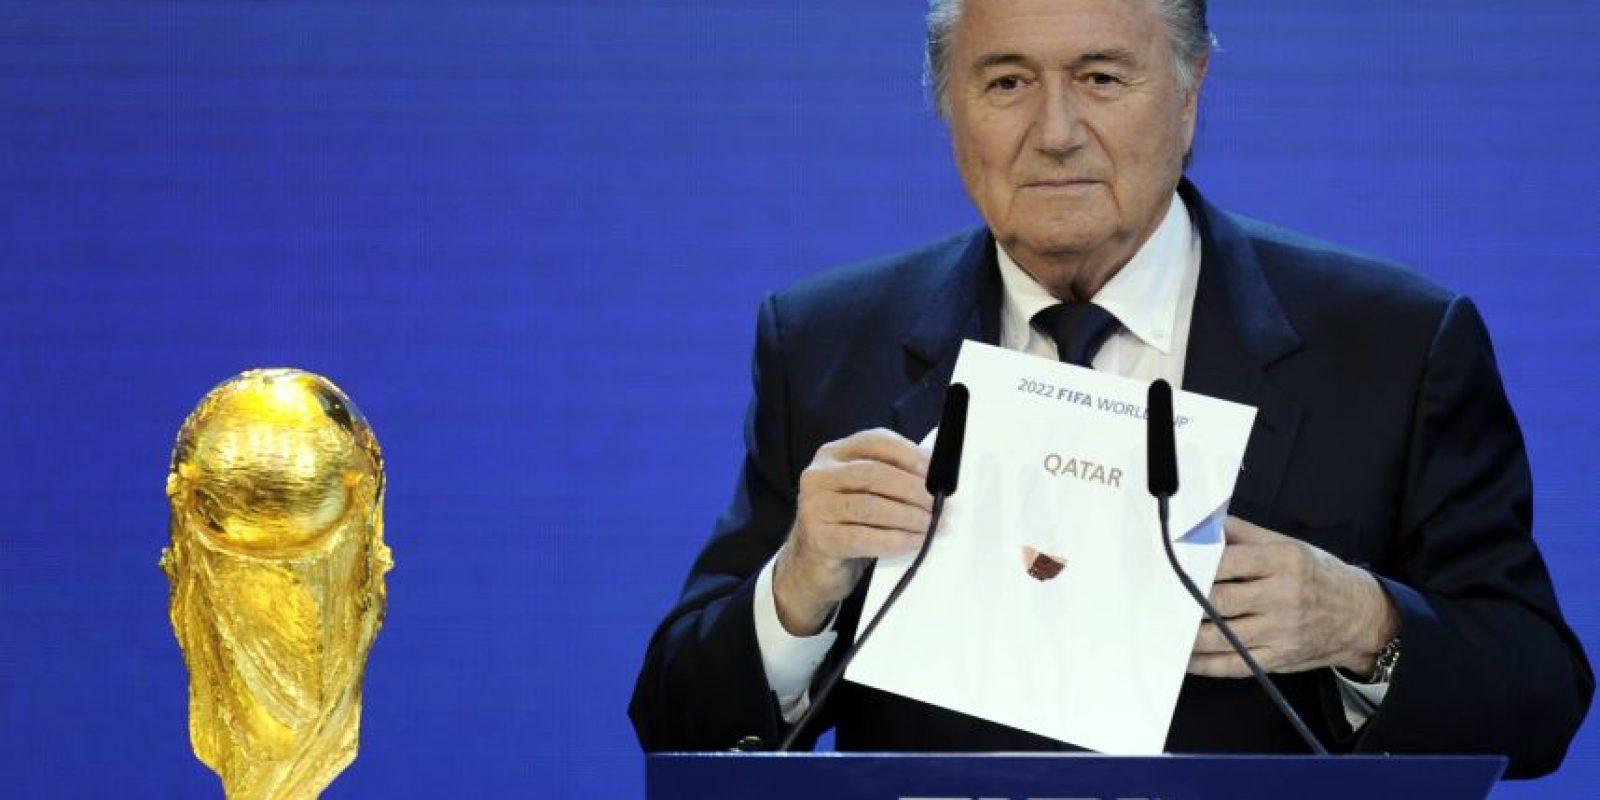 El presidente de la FIFA, Joseph Blatter, durante la elección de Catar para la sede del Mundial 2022. Foto:AFP